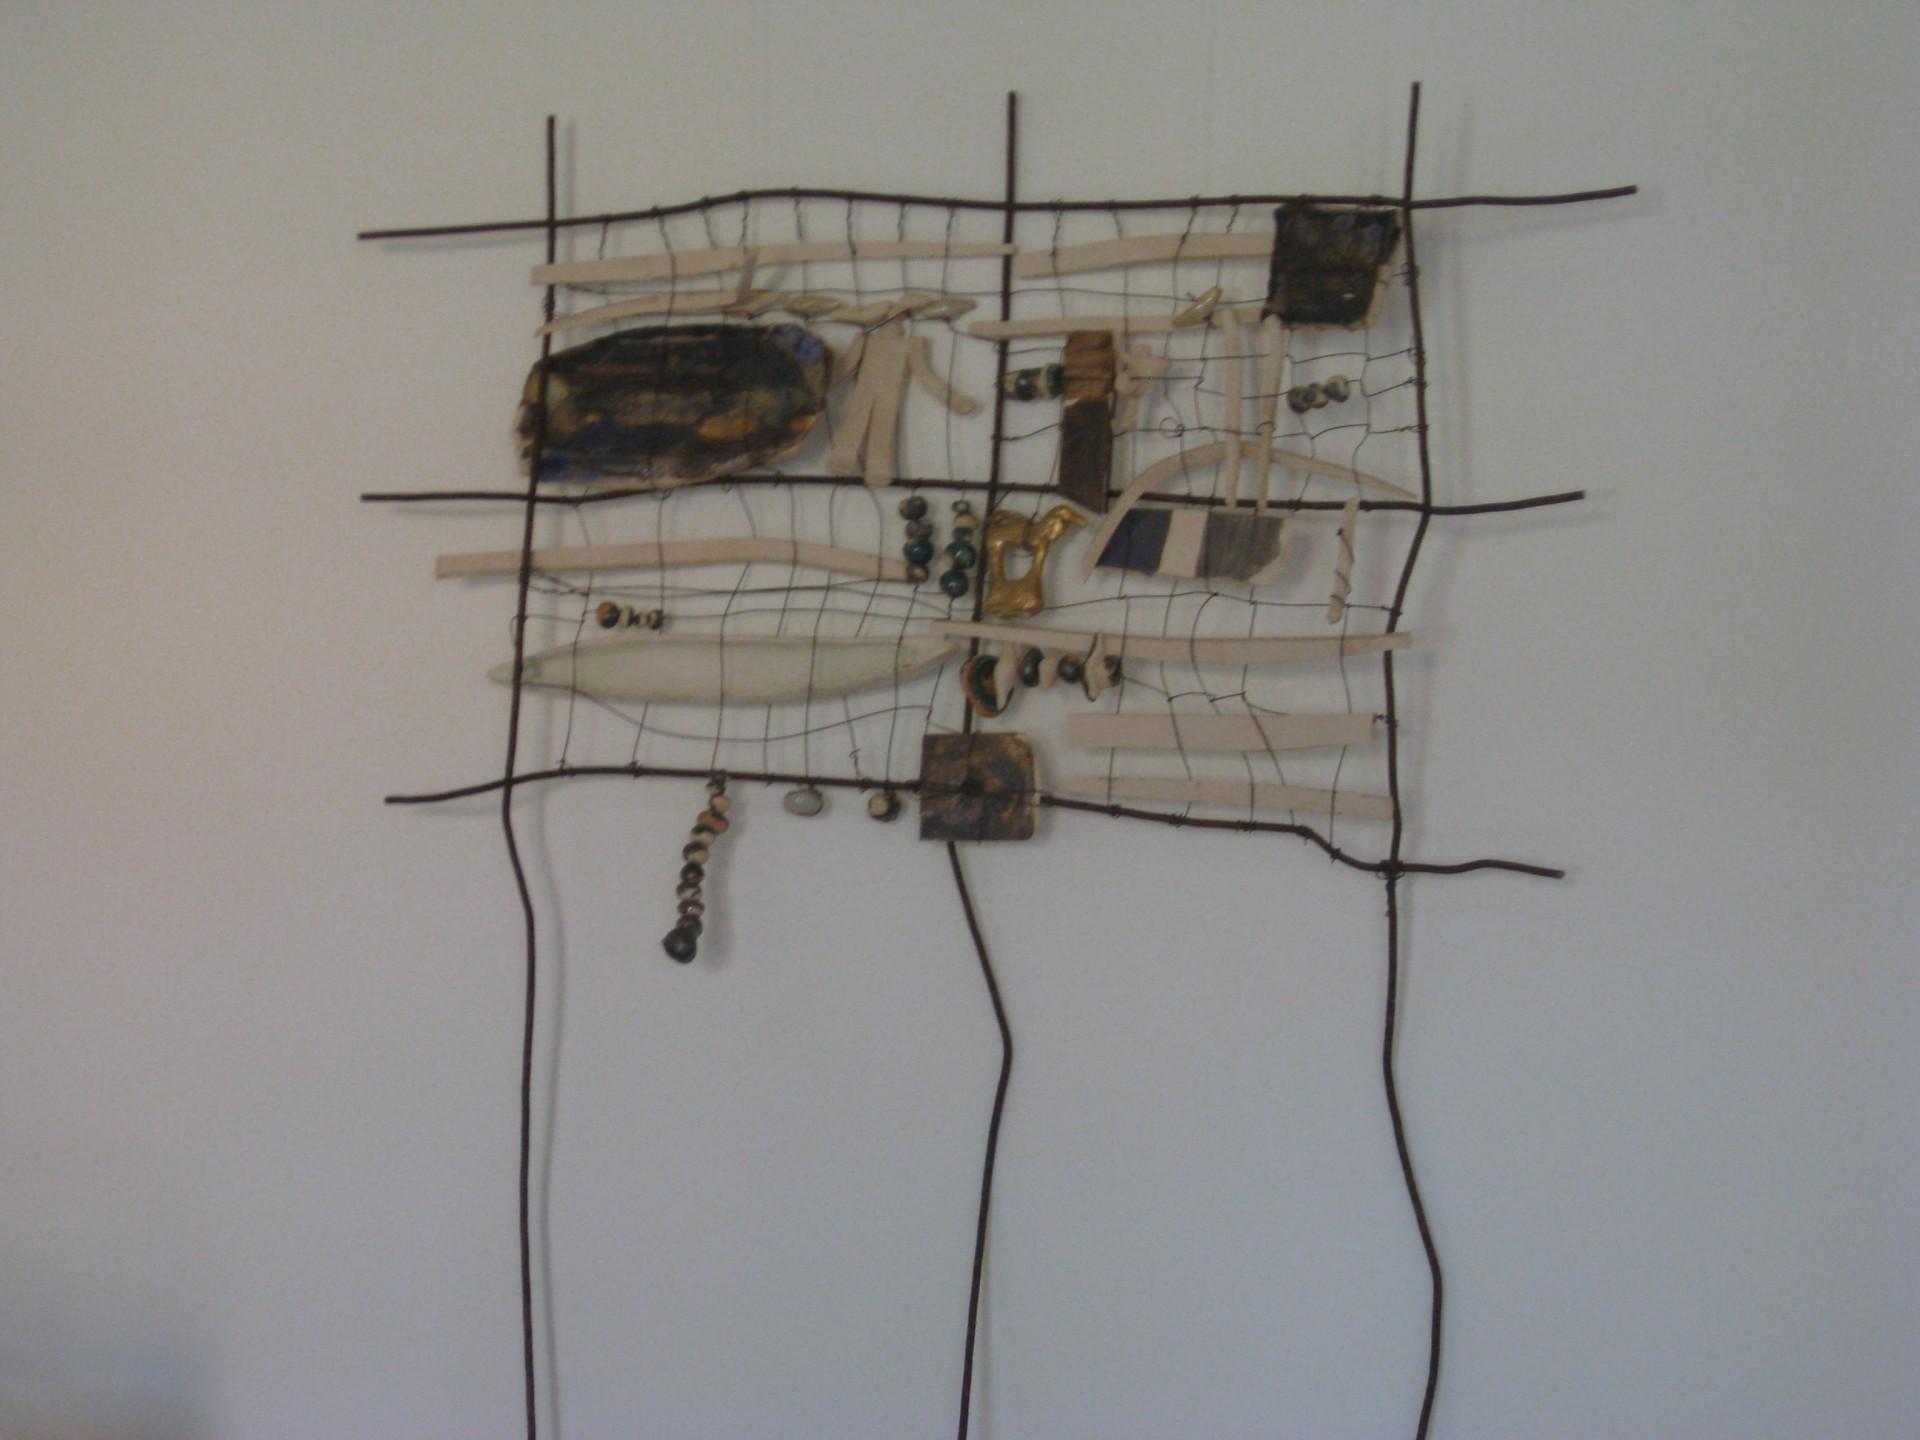 Netzwerk der Arachne, Skulptur von Ursula Dietze